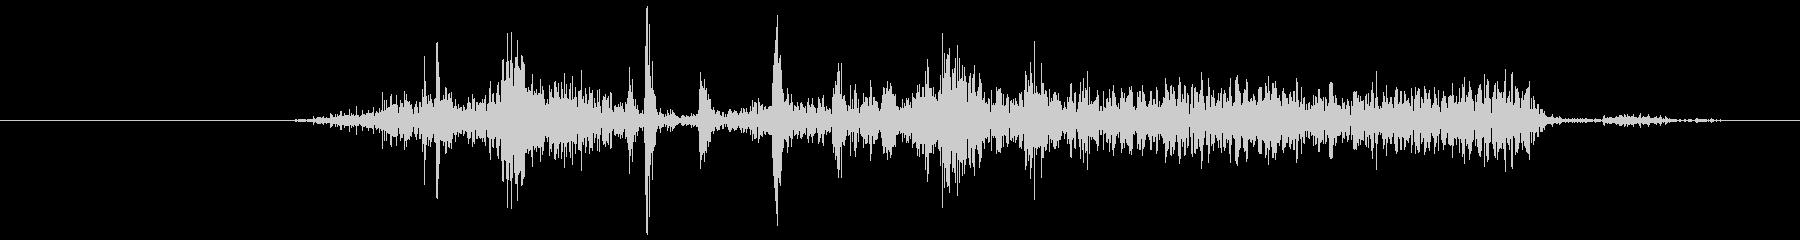 カメラのシャッター音1(カシー)の未再生の波形